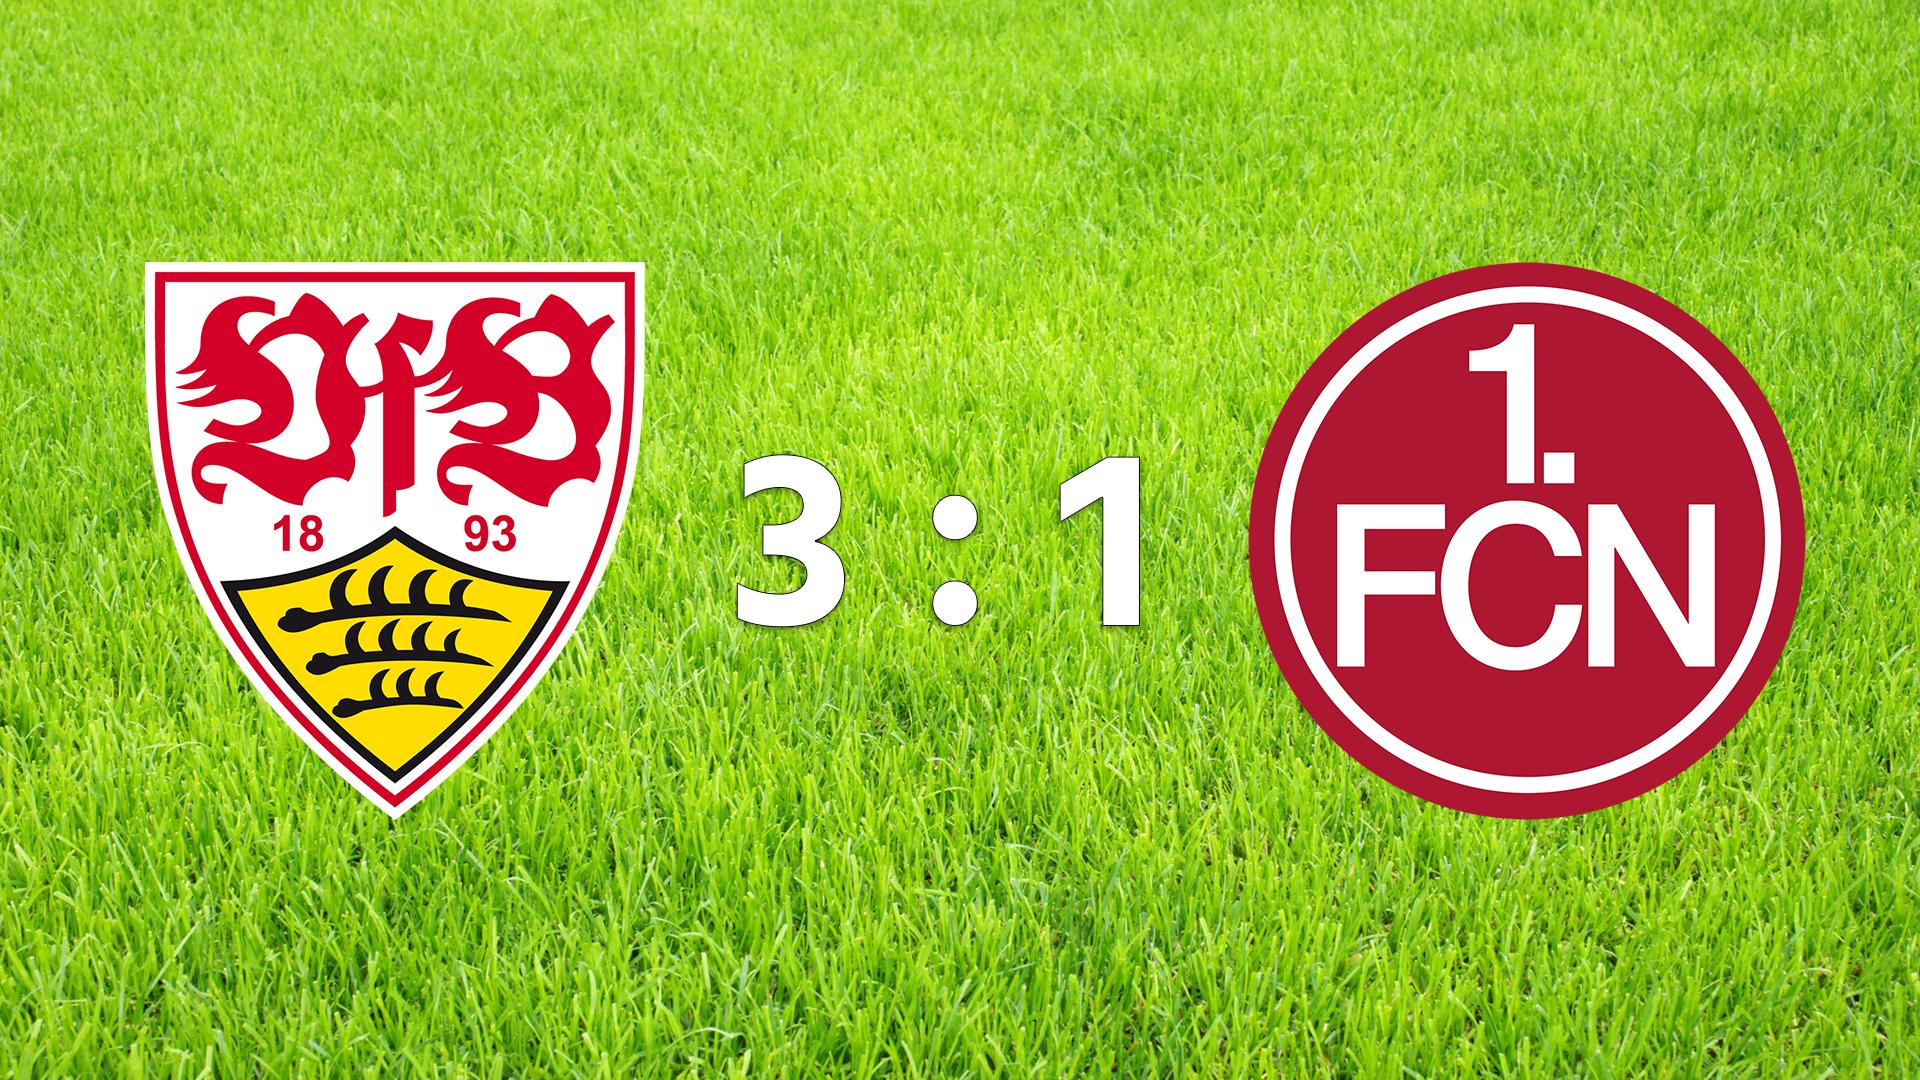 VfB Stuttgart - 1. FC Nürnberg 3:1 (Fotografik: STUGGI.TV)